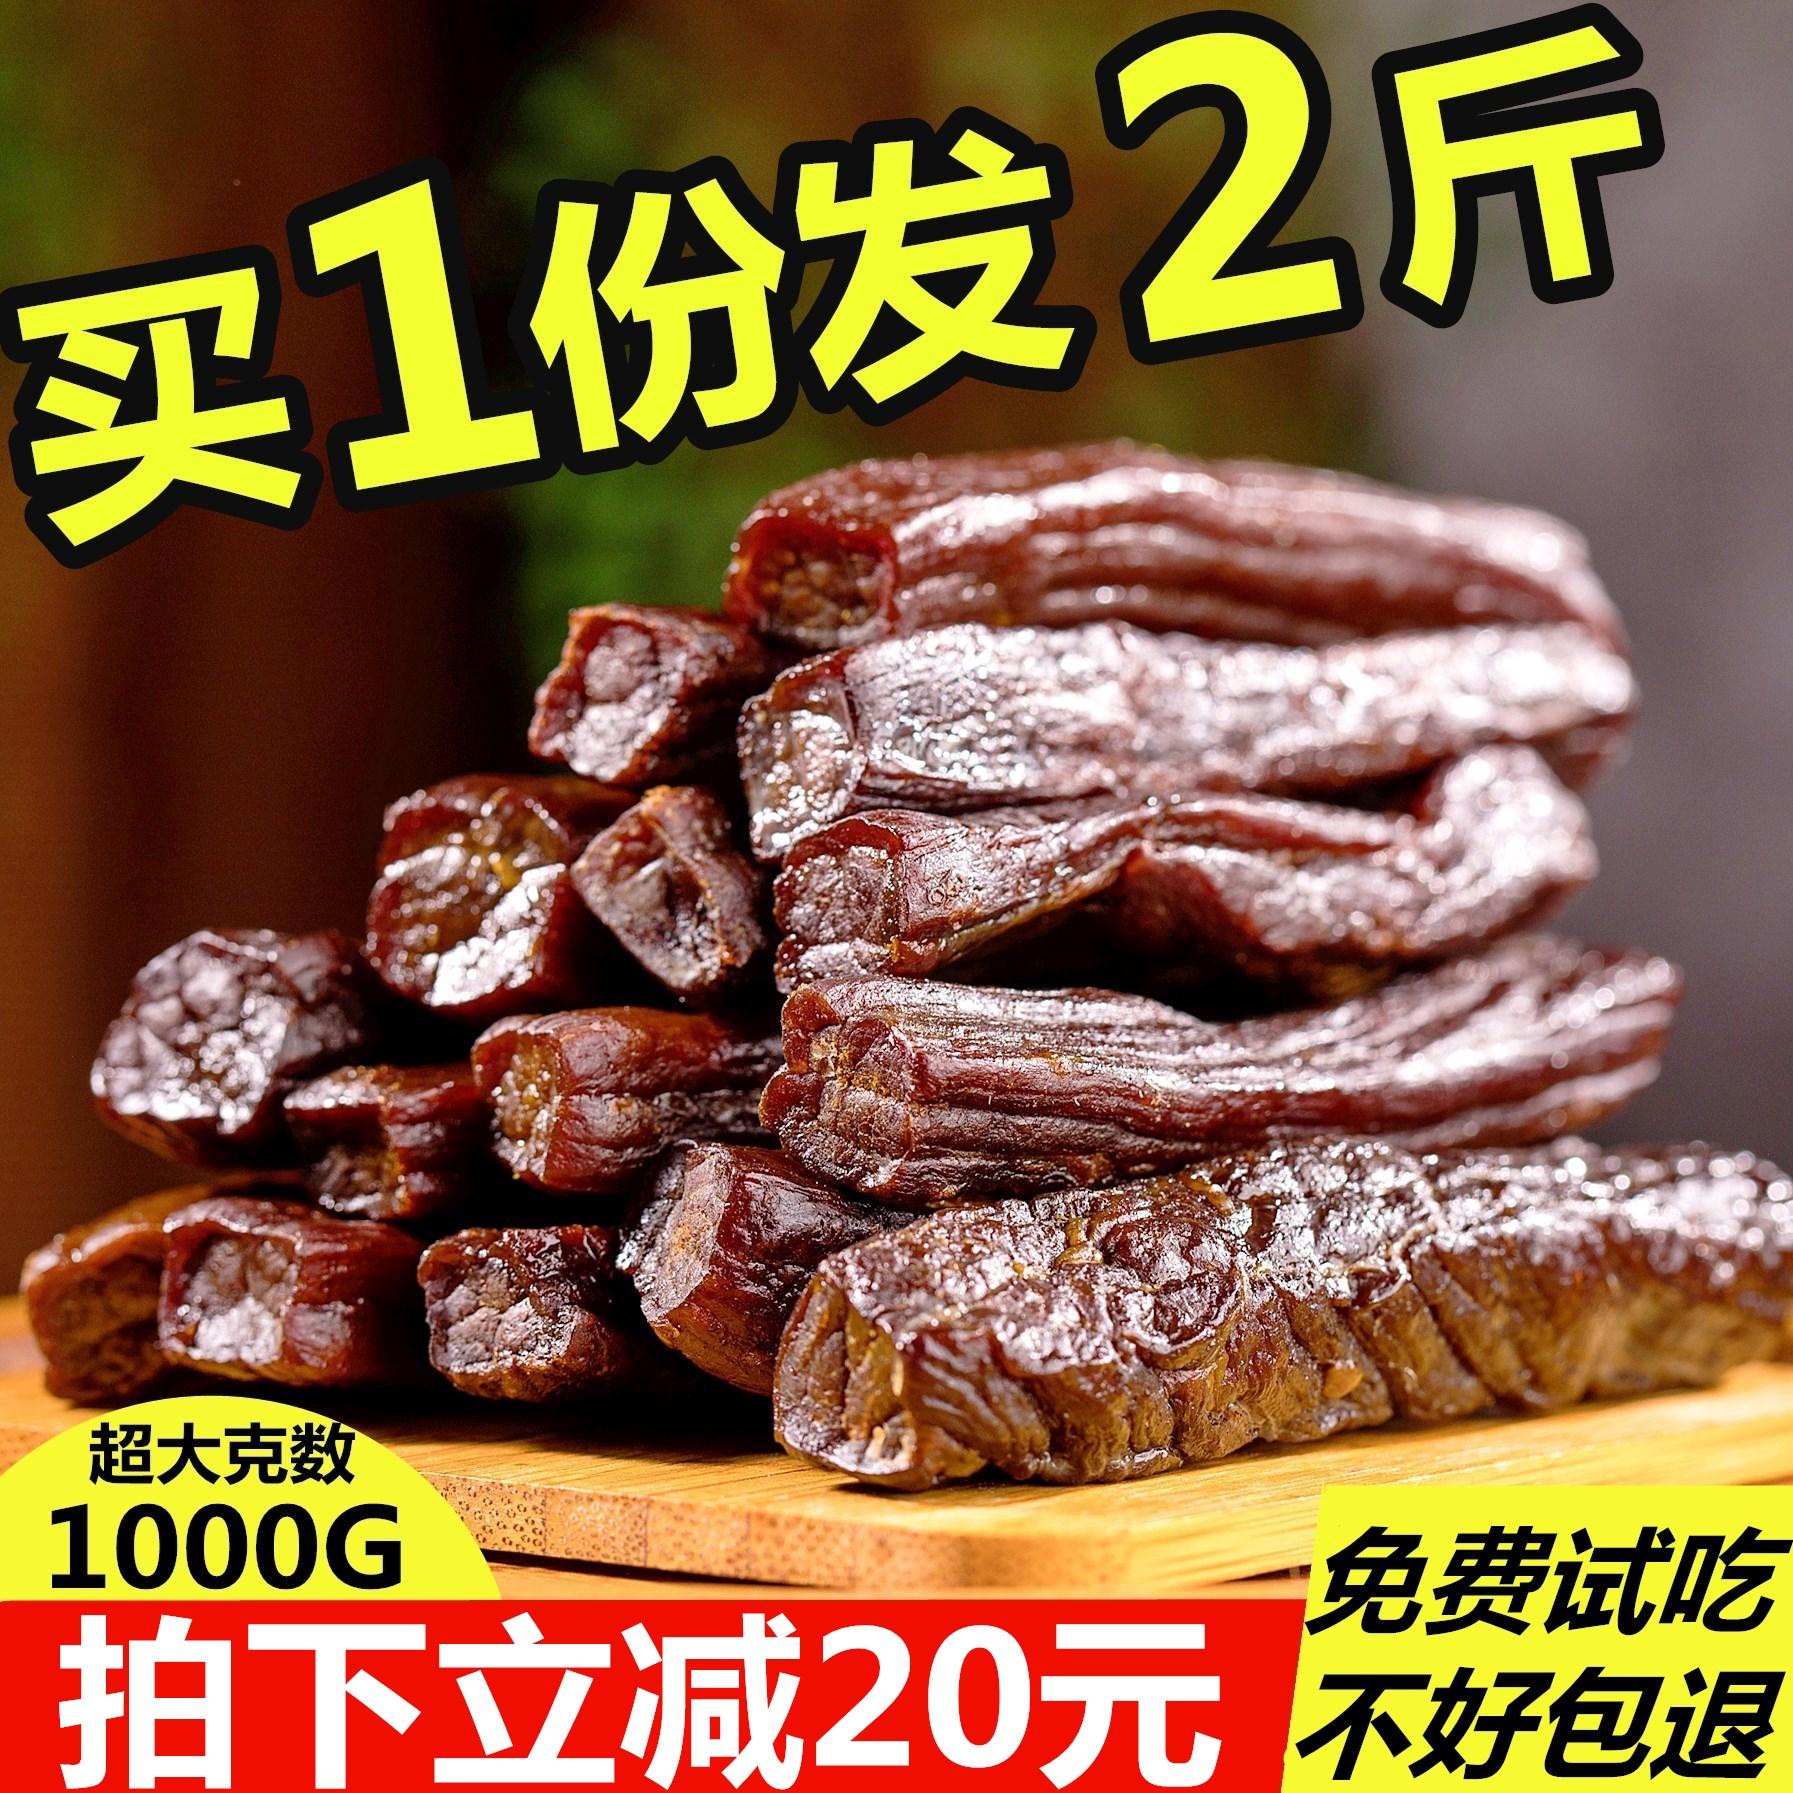 11-29新券牛肉干内蒙古风干手撕牛肉干500g袋装*2正宗特产香辣小零食牛肉干